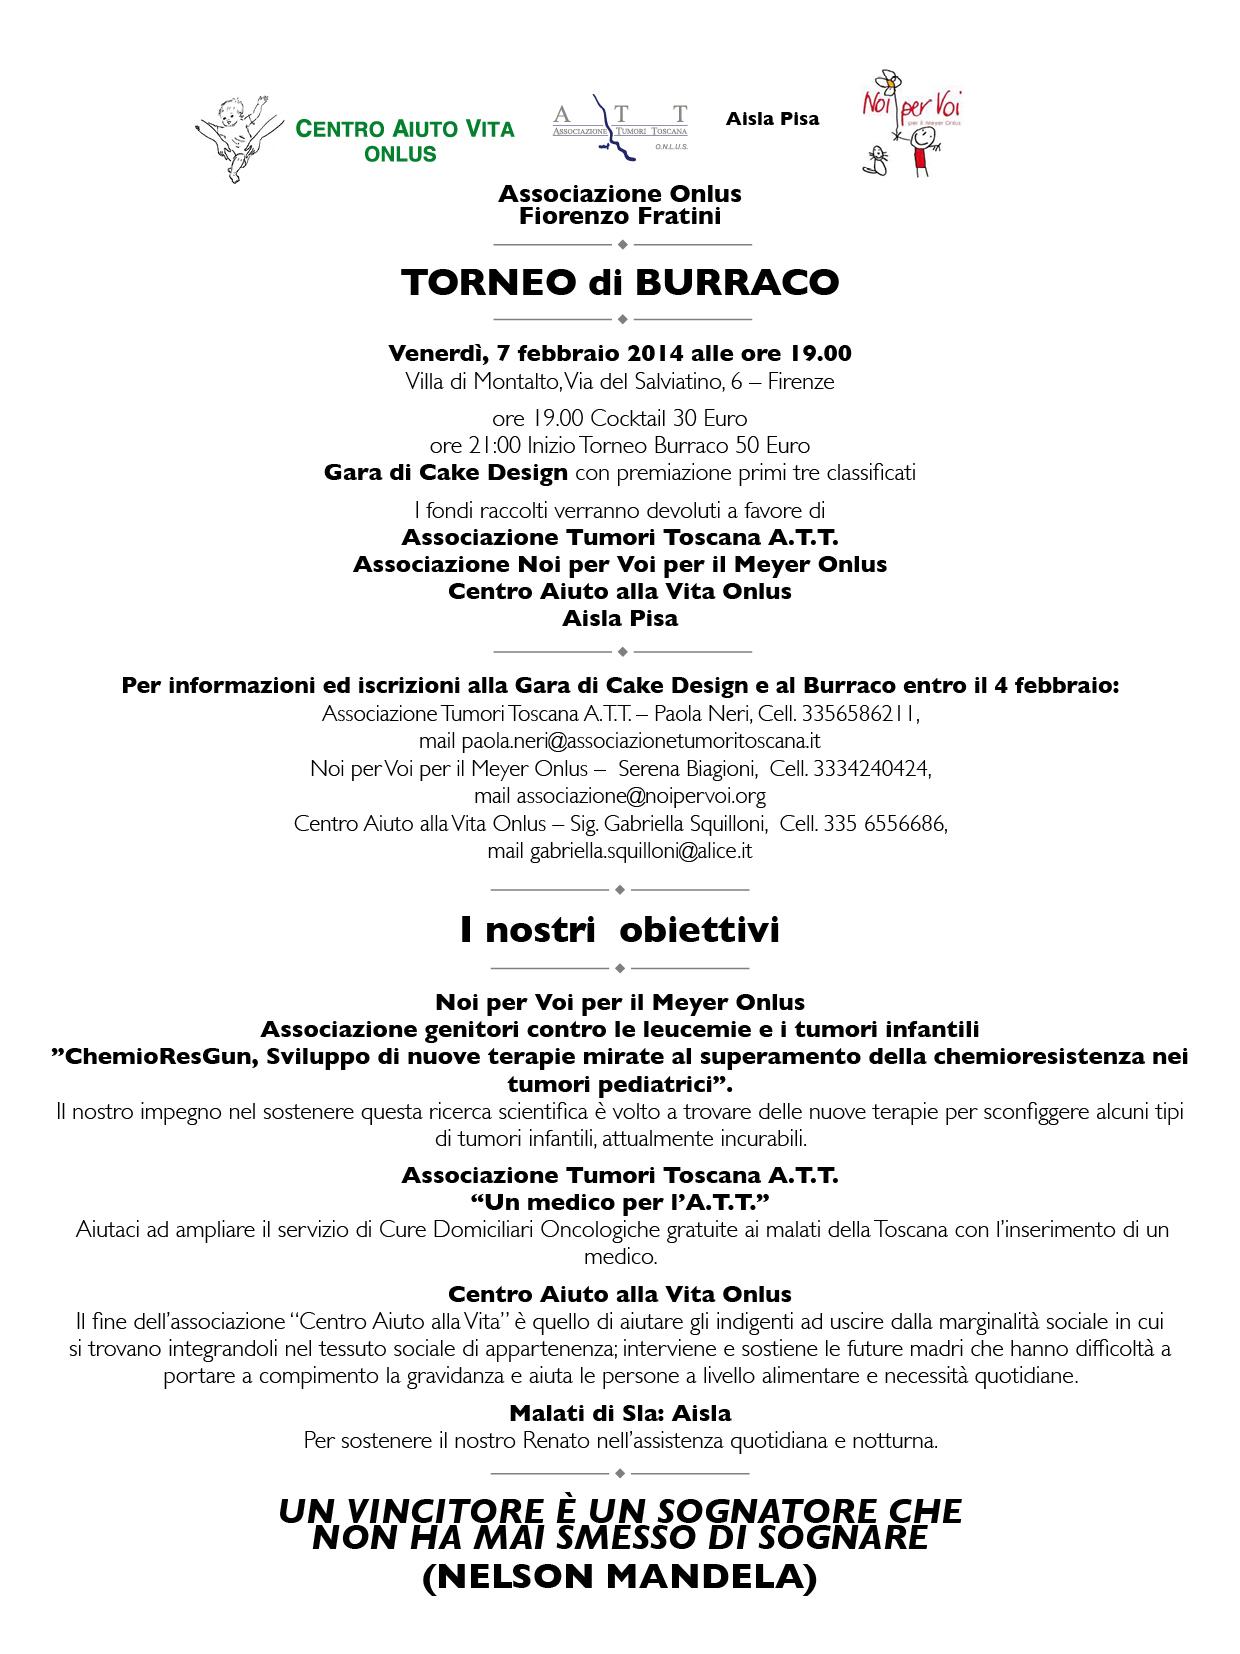 Invito_Burraco_Fratini_jpg